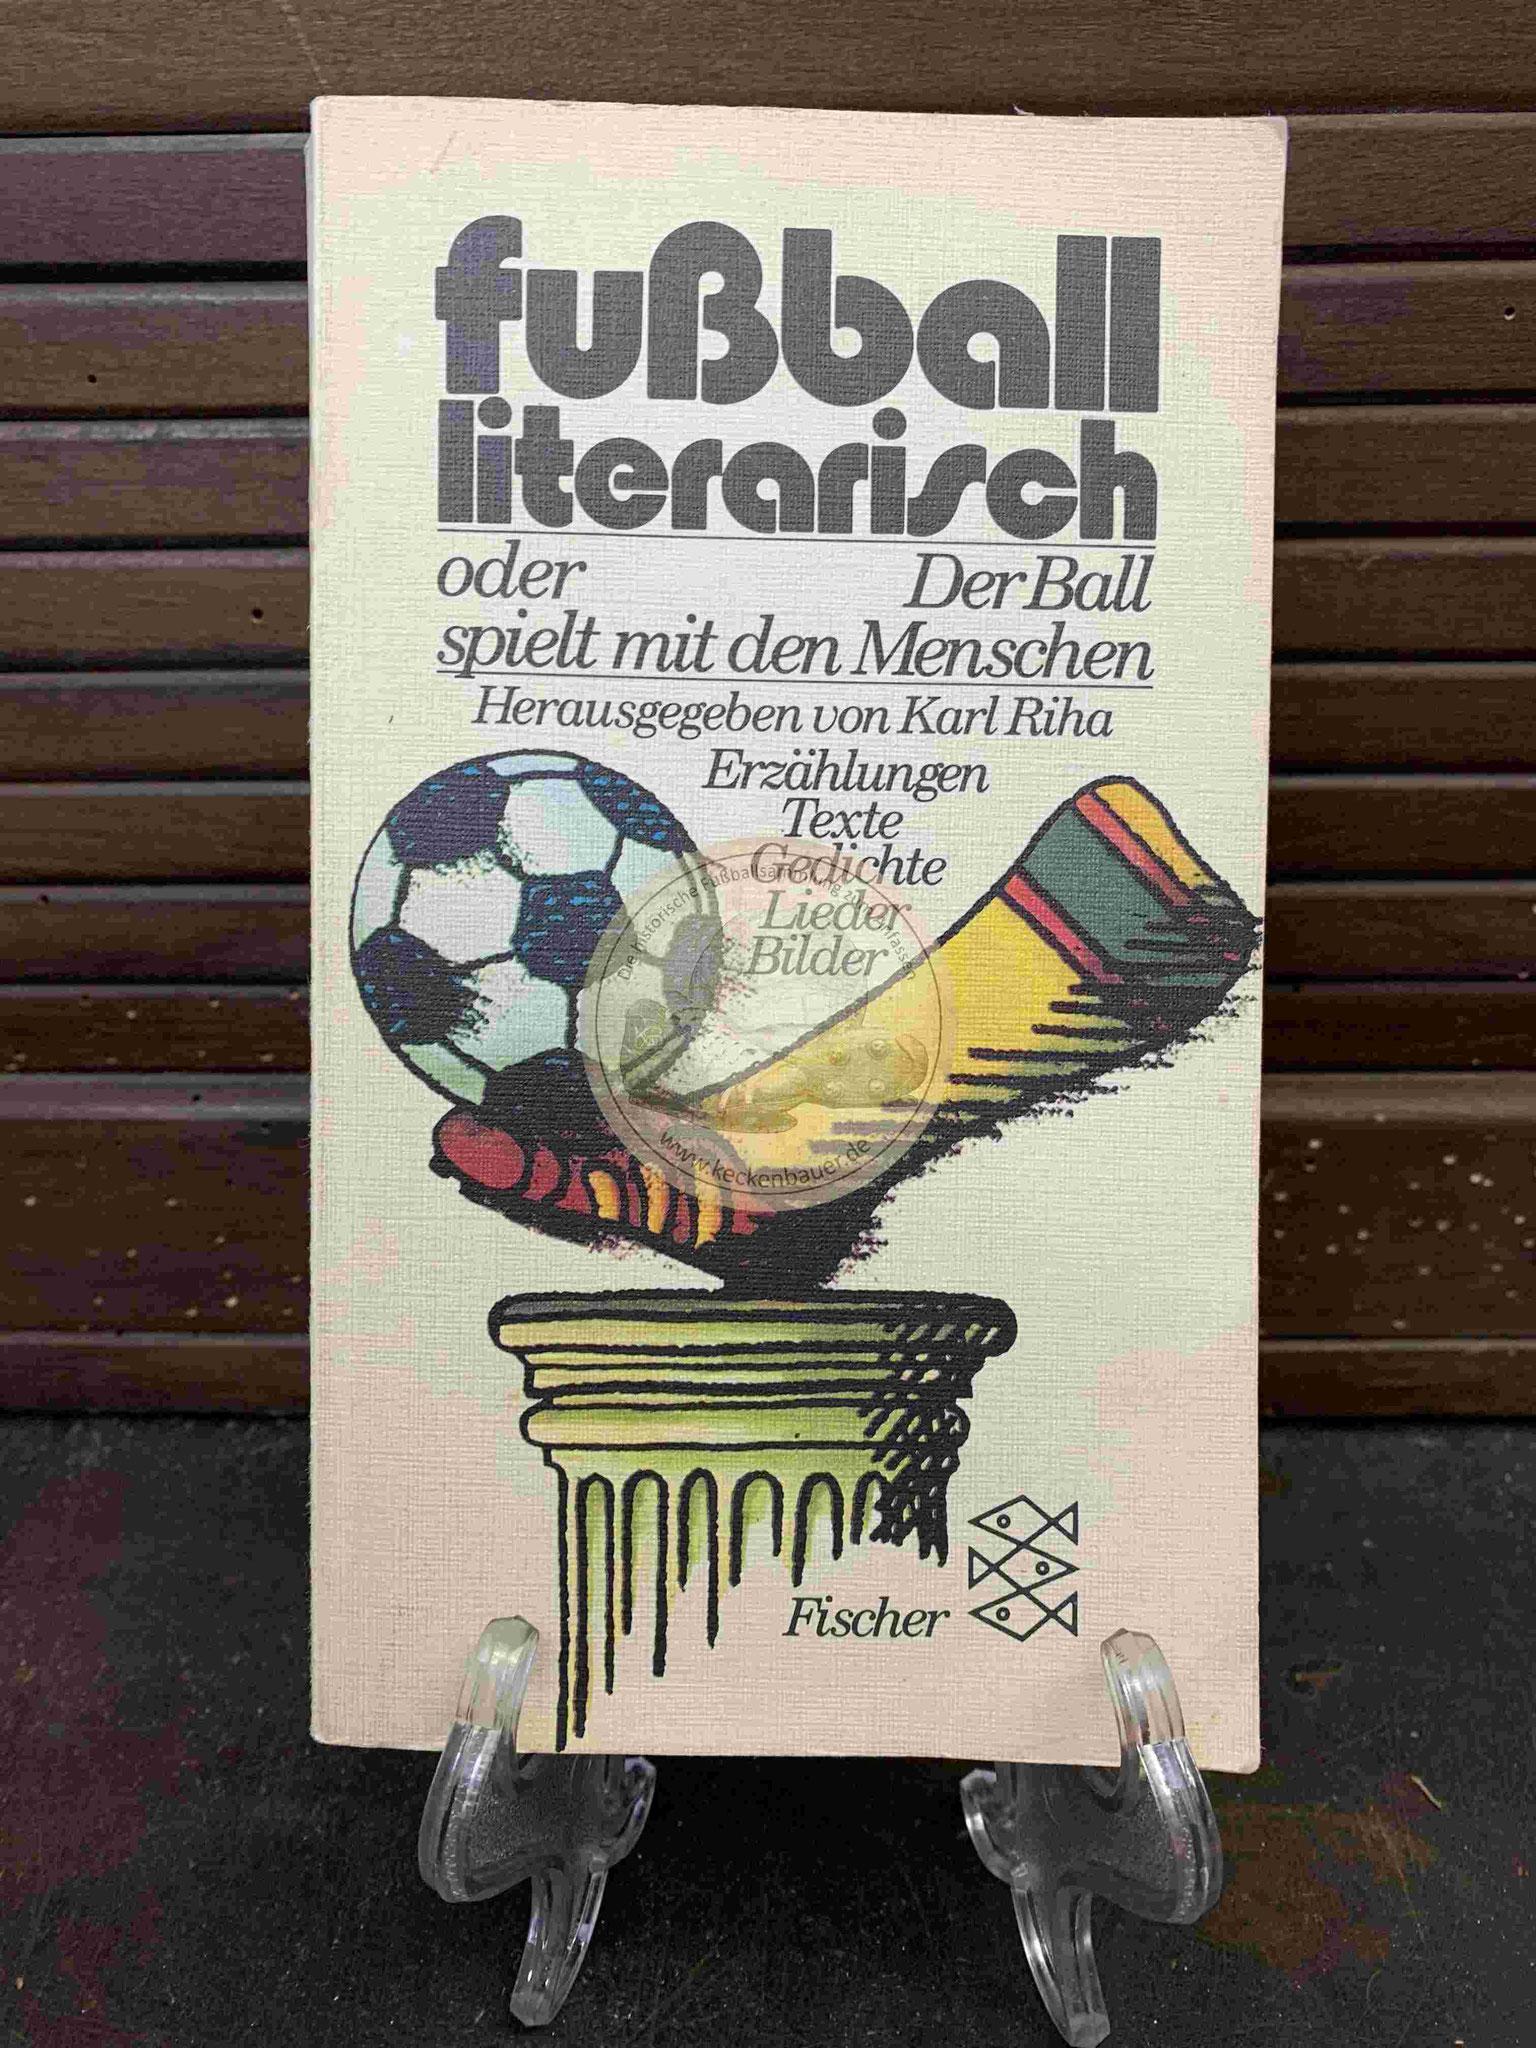 Karl Rita Fußball literarisch oder Der Ball spielt mit den Menschen aus dem Jahr 1982